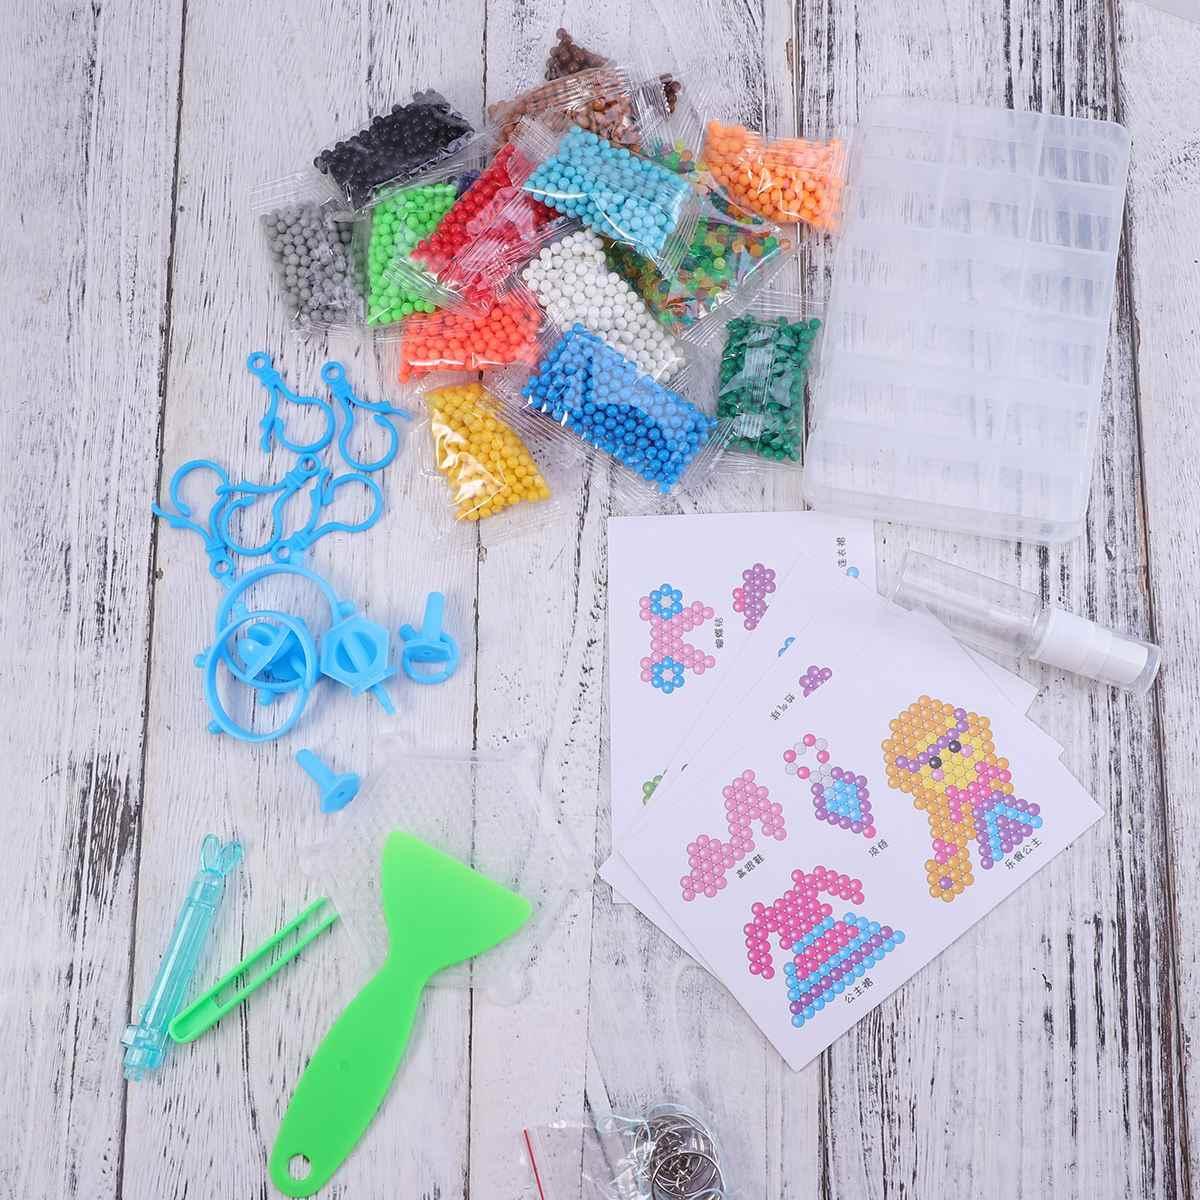 3500 шт DIY плавкие бусины набор ручной работы забавные Волшебные креативные водостойкие бусины обучающая игрушка плавкие бусины для рукоделия